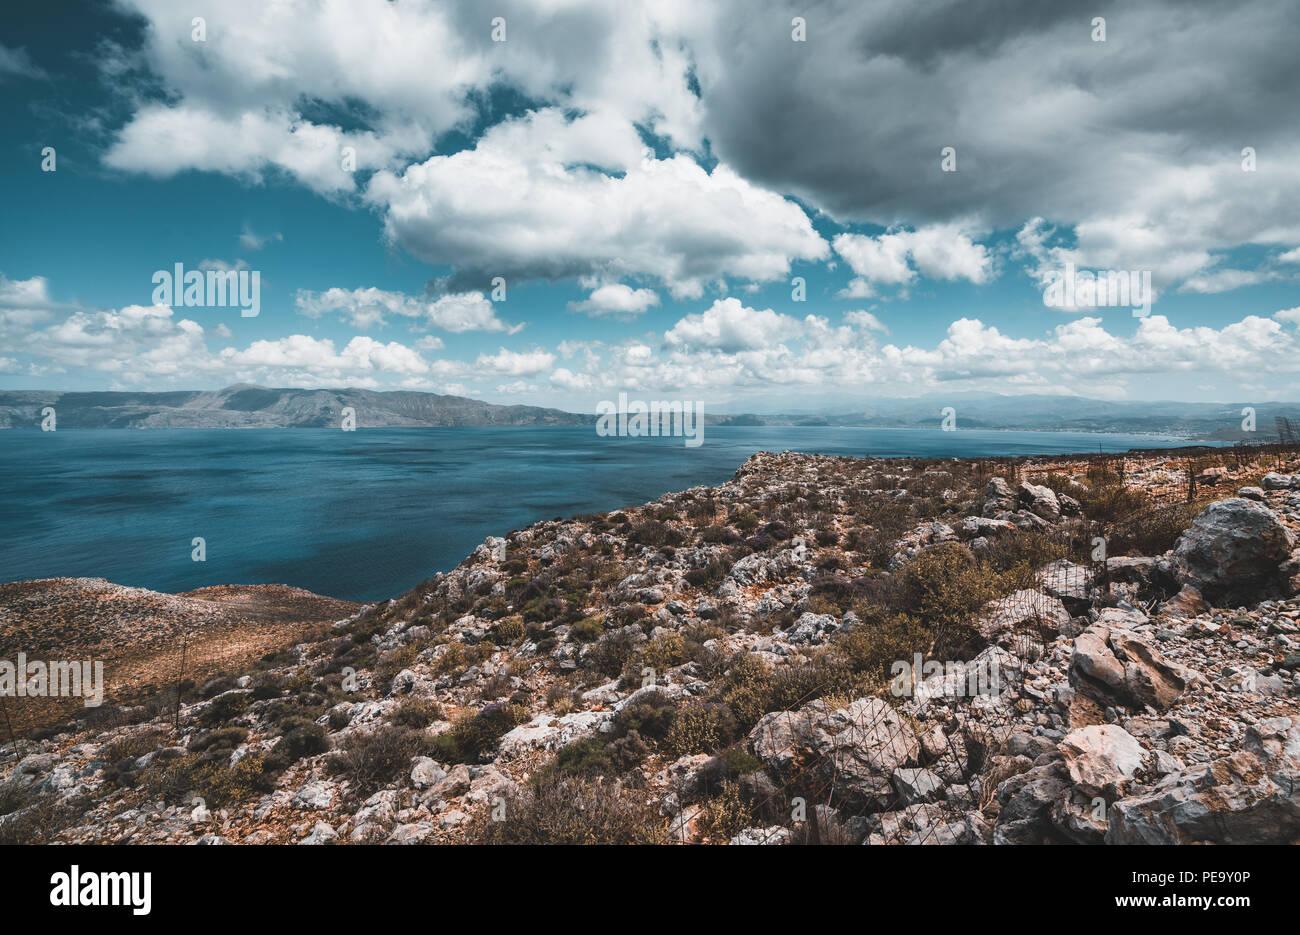 Panoramablick auf Felsen und Strand mit Himmel und Wolken auf Kreta, Griechenland. Eine herrliche Landschaft mit kristallklarem Wasser und die Felsen gegen einen tiefen Stockbild